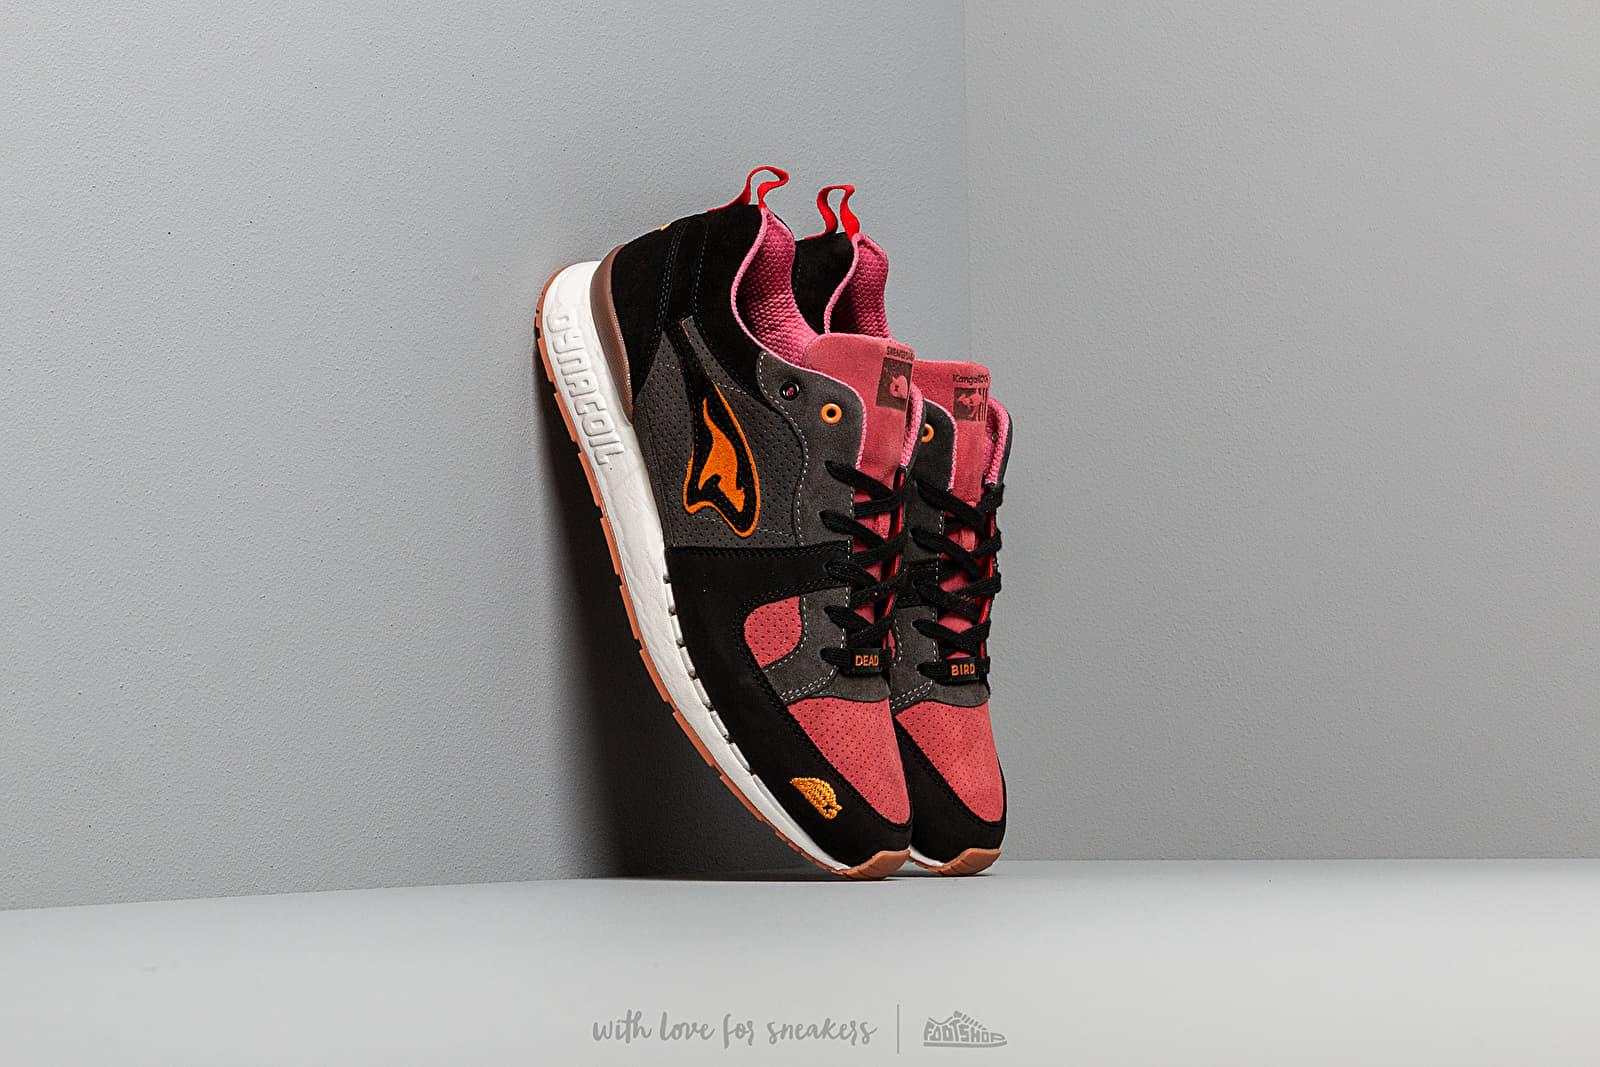 KangaROOS x Sneakerbaas Coil-R1 Deadly Black/ Bloody Pink at a great price 258 € bestell bei Footshop